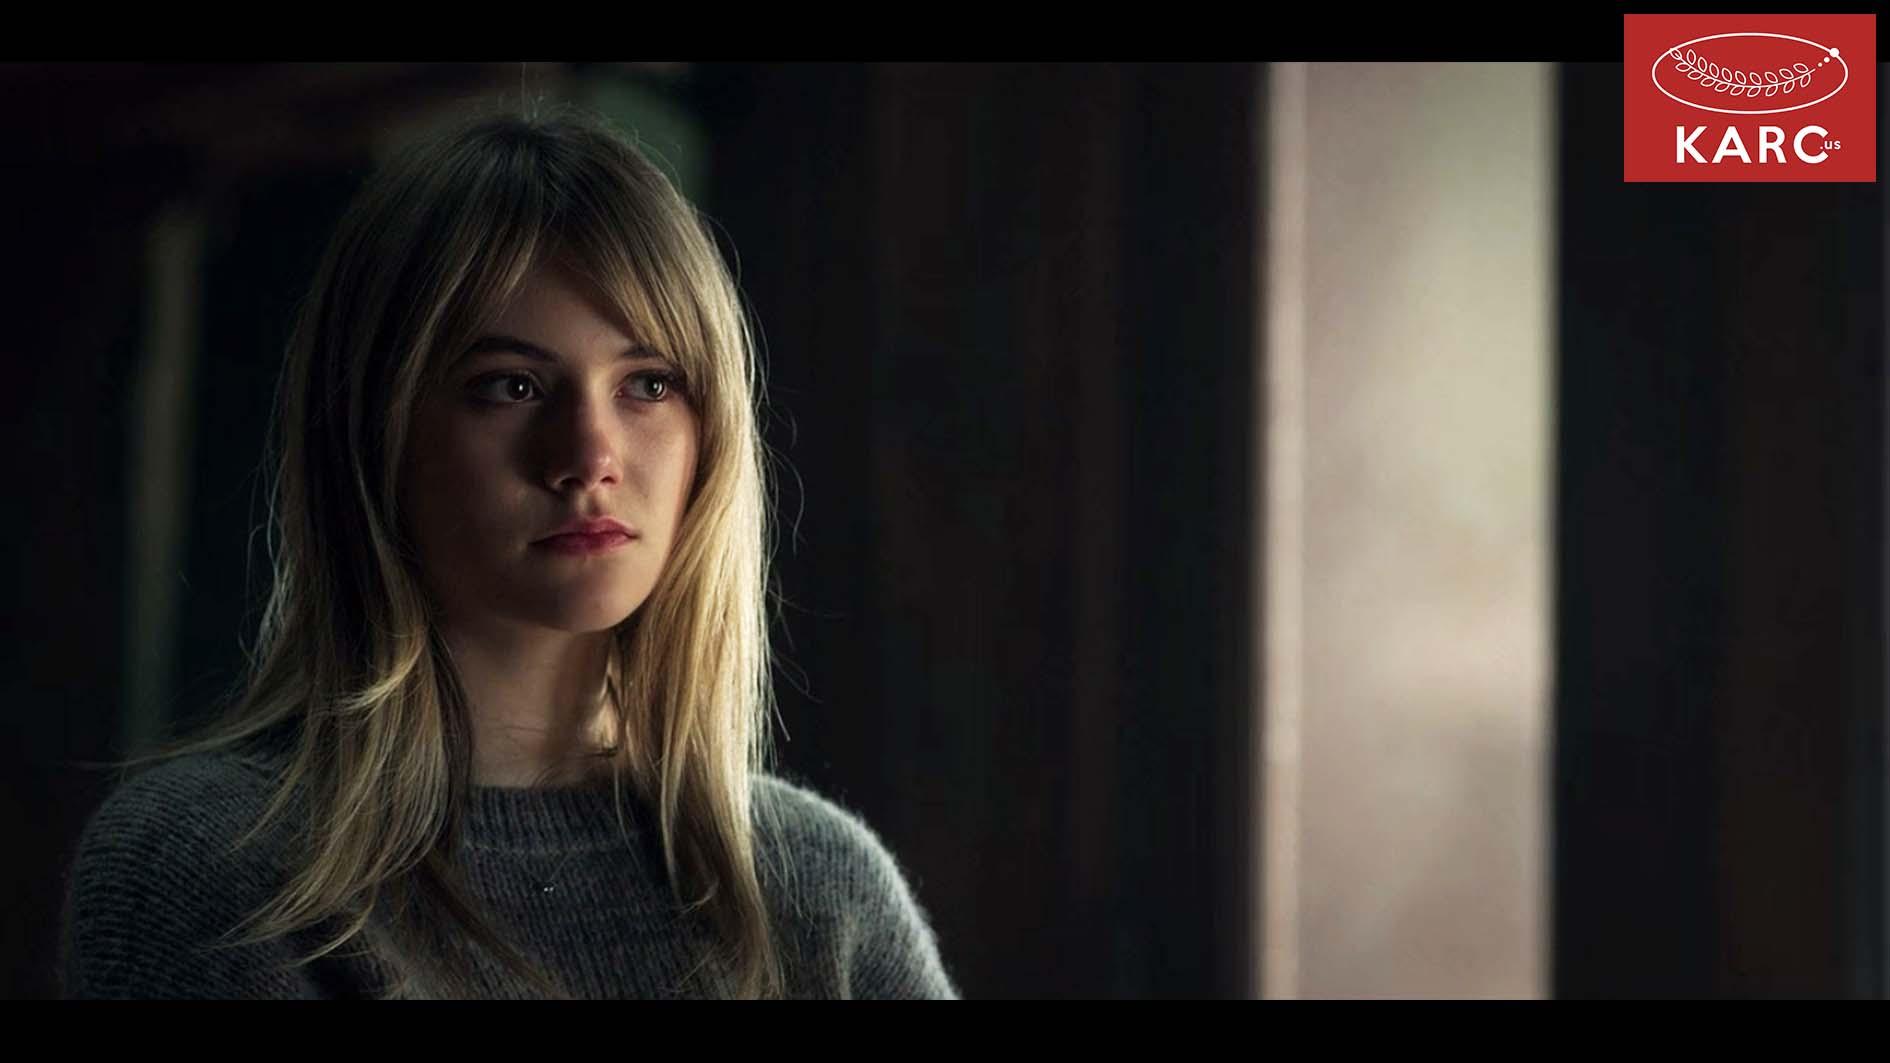 เอมิเลีย โจนส์ สาวน้อยตัวร้ายของ Locke Family ที่จะทำให้คุณตกหลุมรัก! - Karc.us